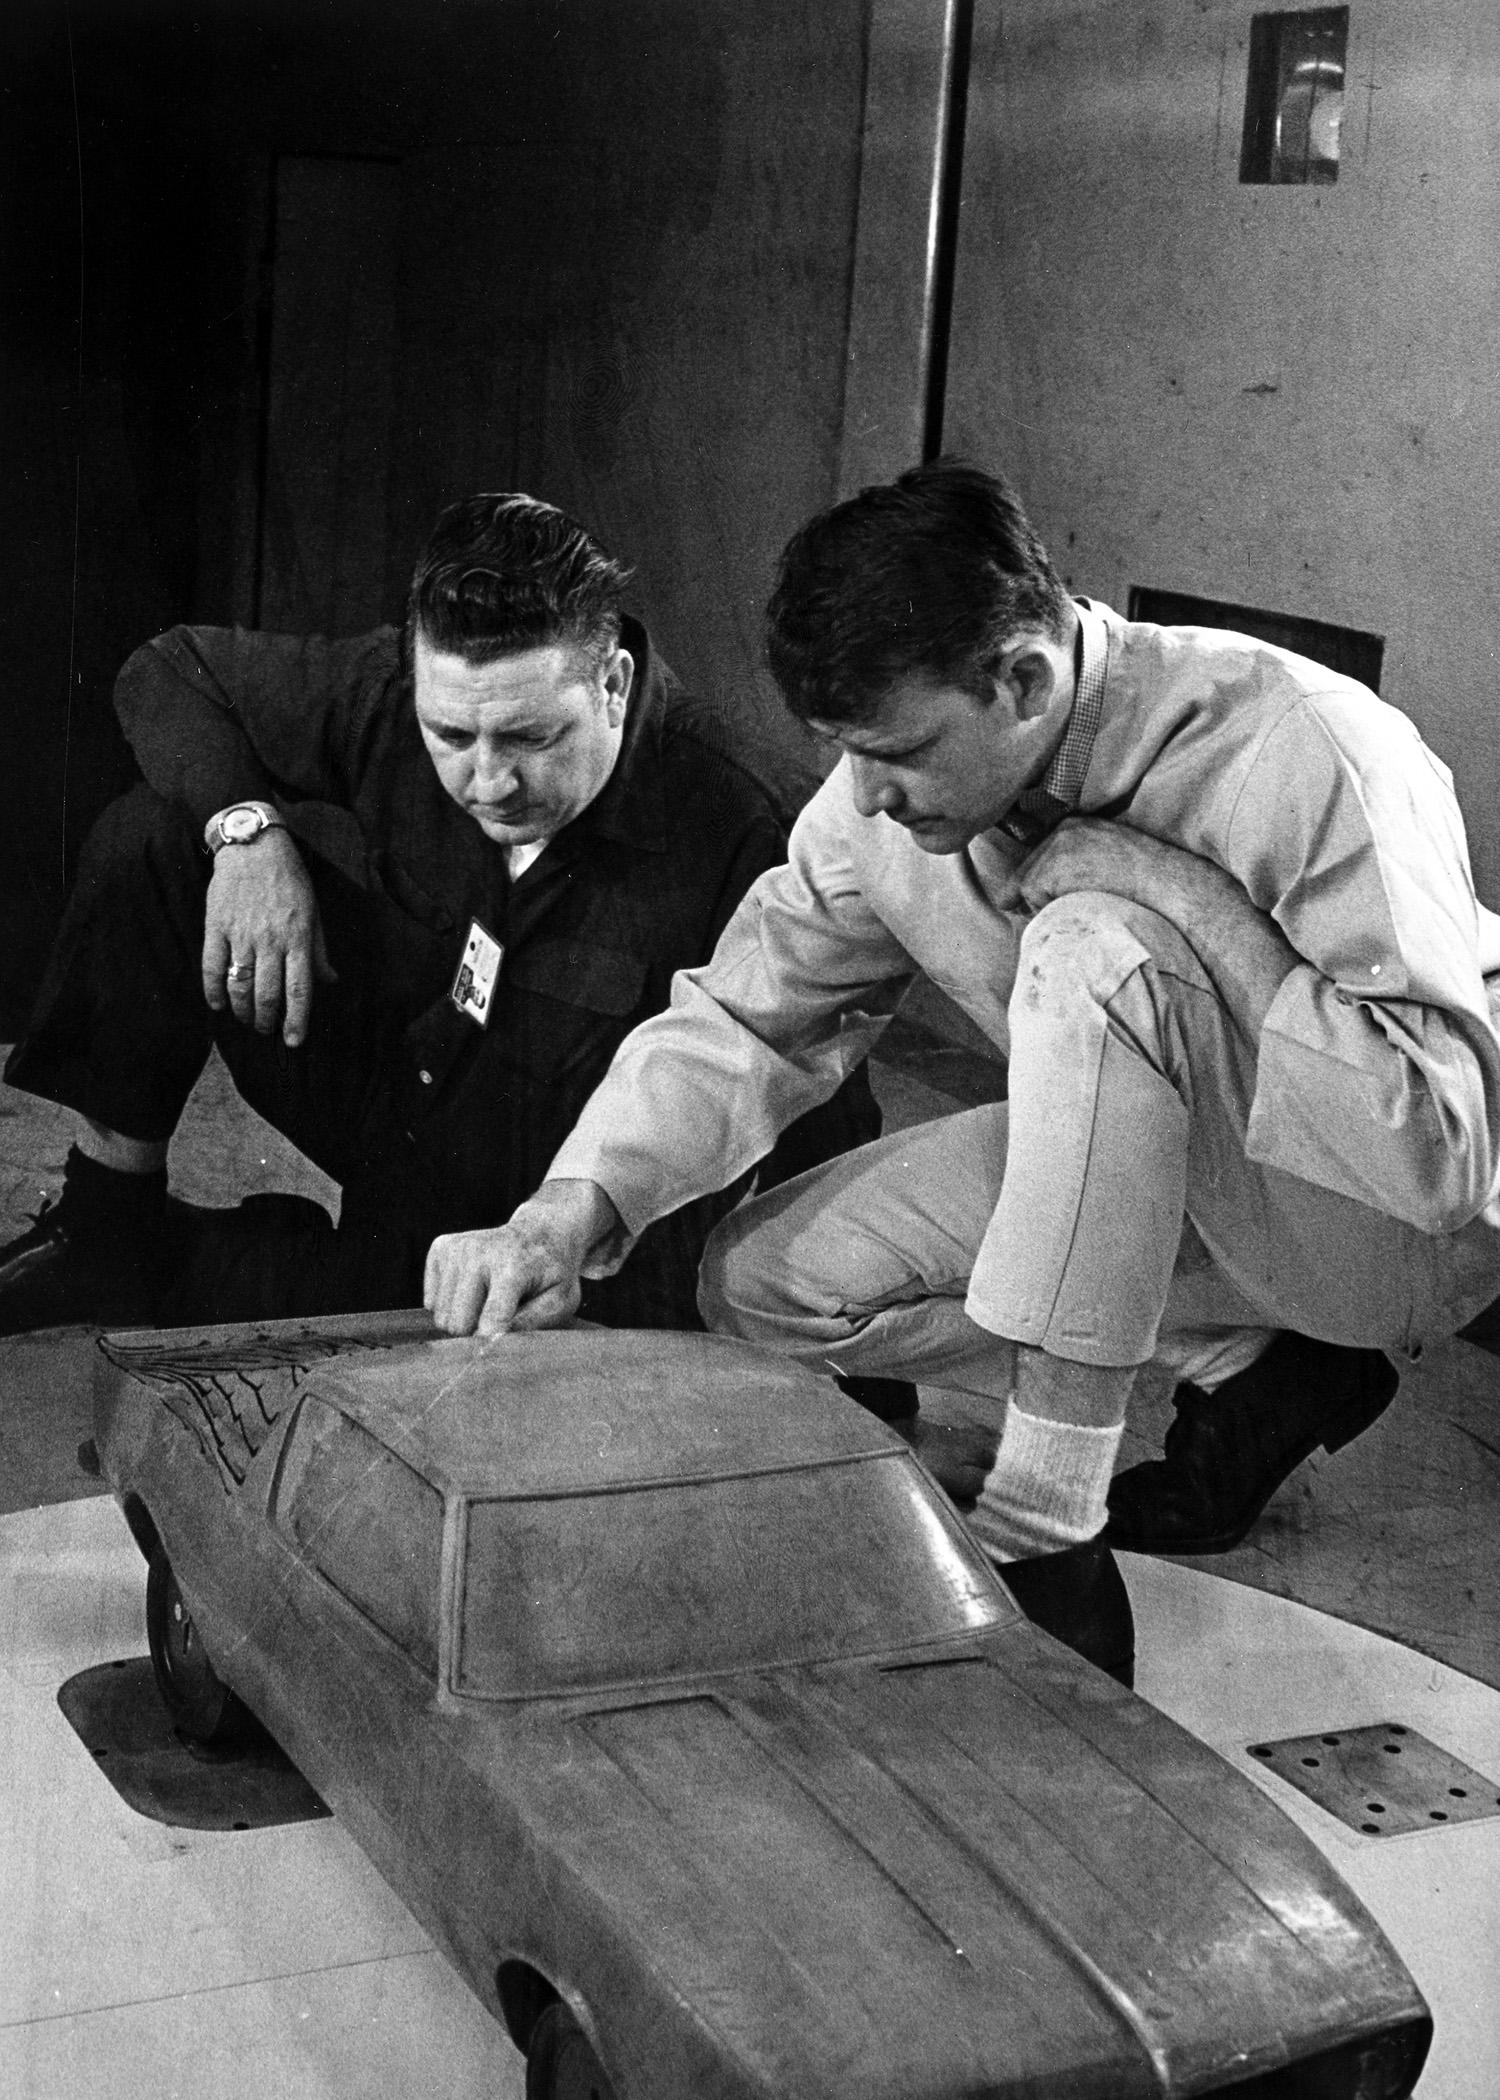 First Gen Camaro design clay model